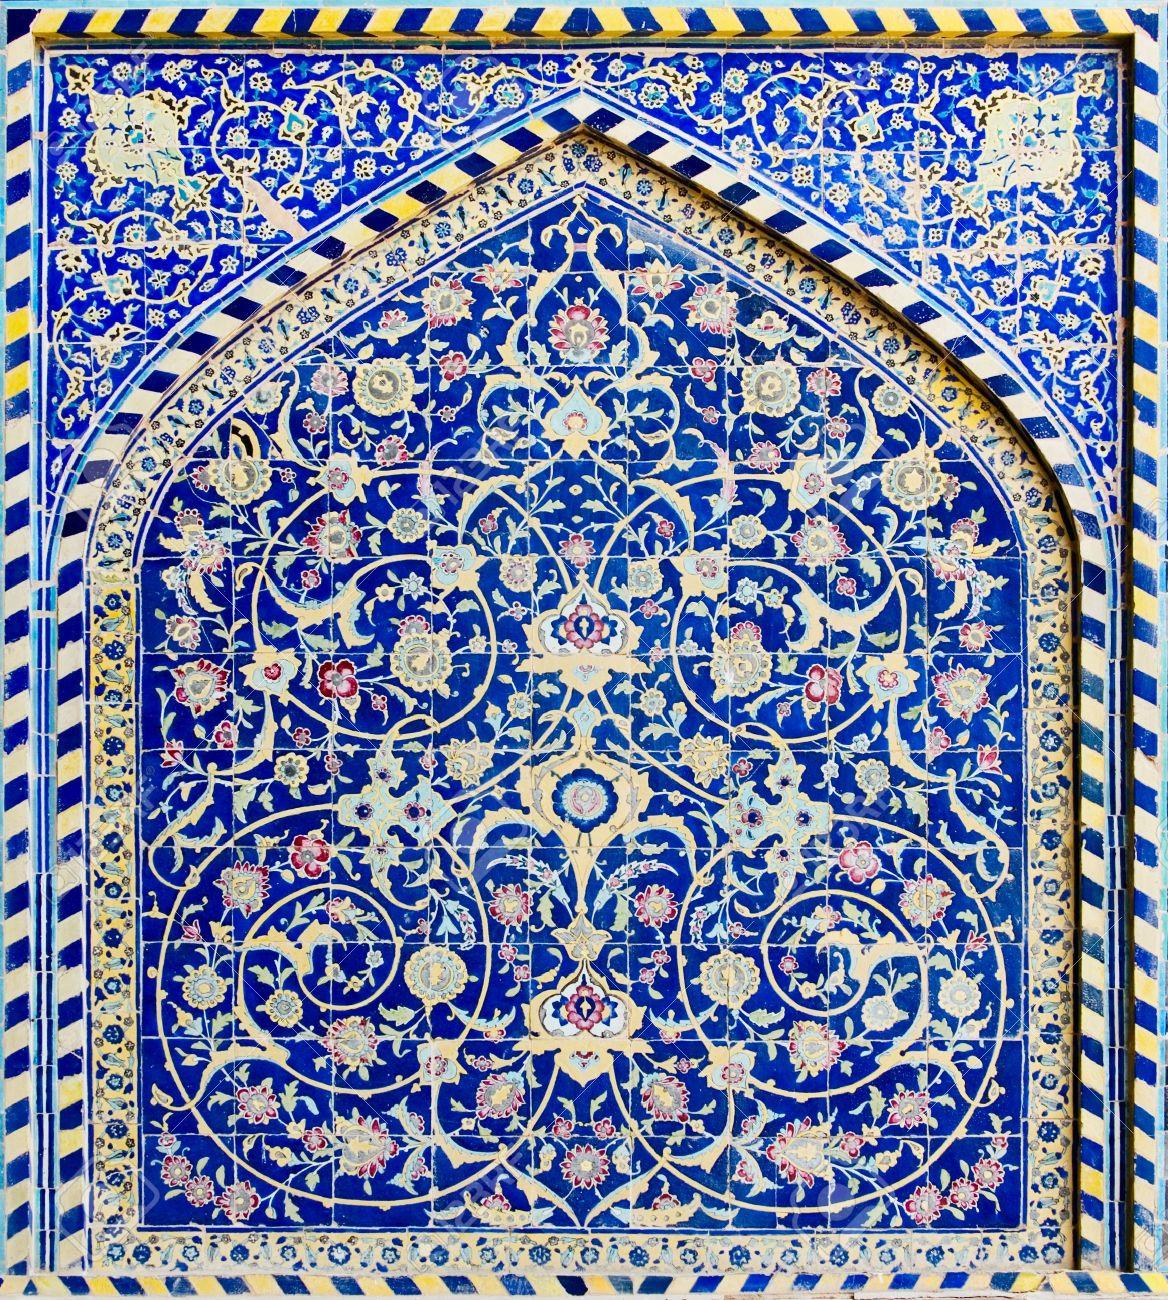 Carrelage De Fond Ornements Orientaux De La Mosquee D Ispahan Iran Banque D Images Et Photos Libres De Droits Image 950578